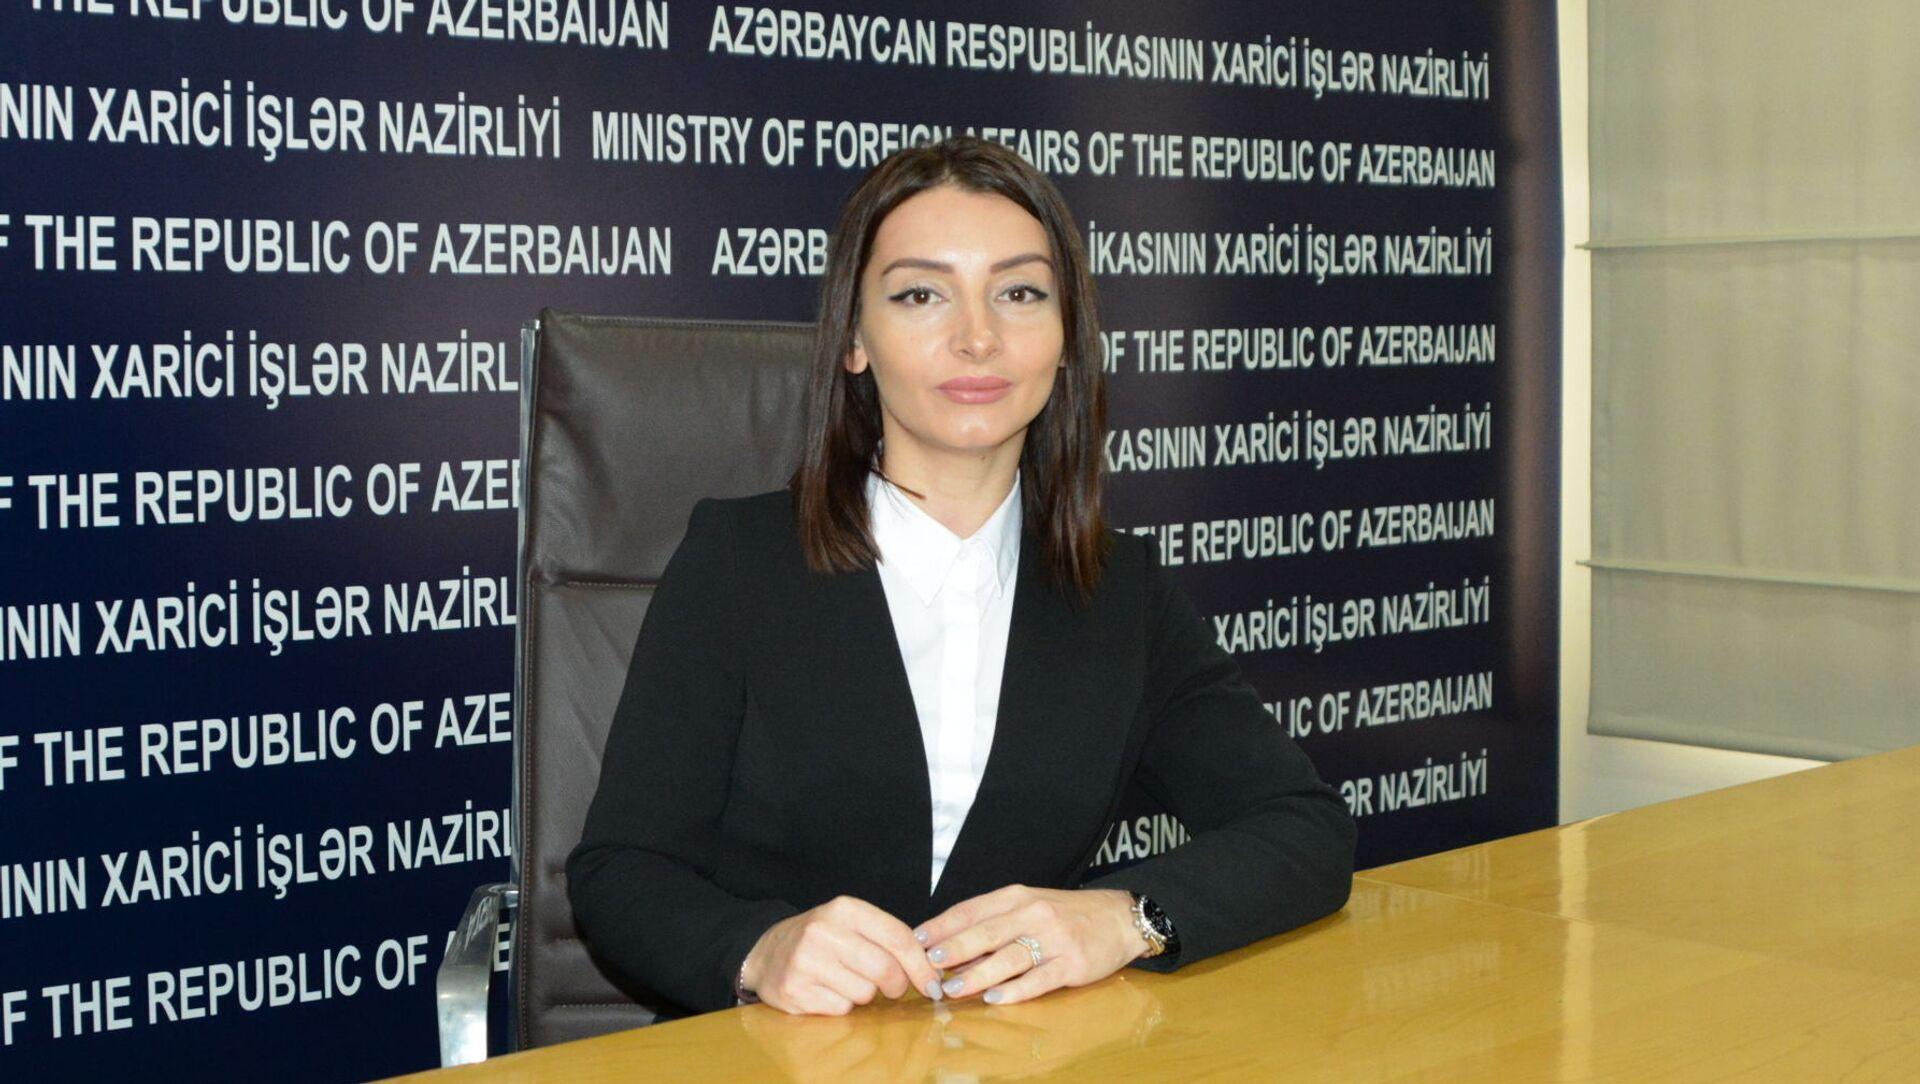 Azərbaycan XİN-in rəsmi təmsilçisi Leyla Abdullayeva - Sputnik Azərbaycan, 1920, 02.09.2021